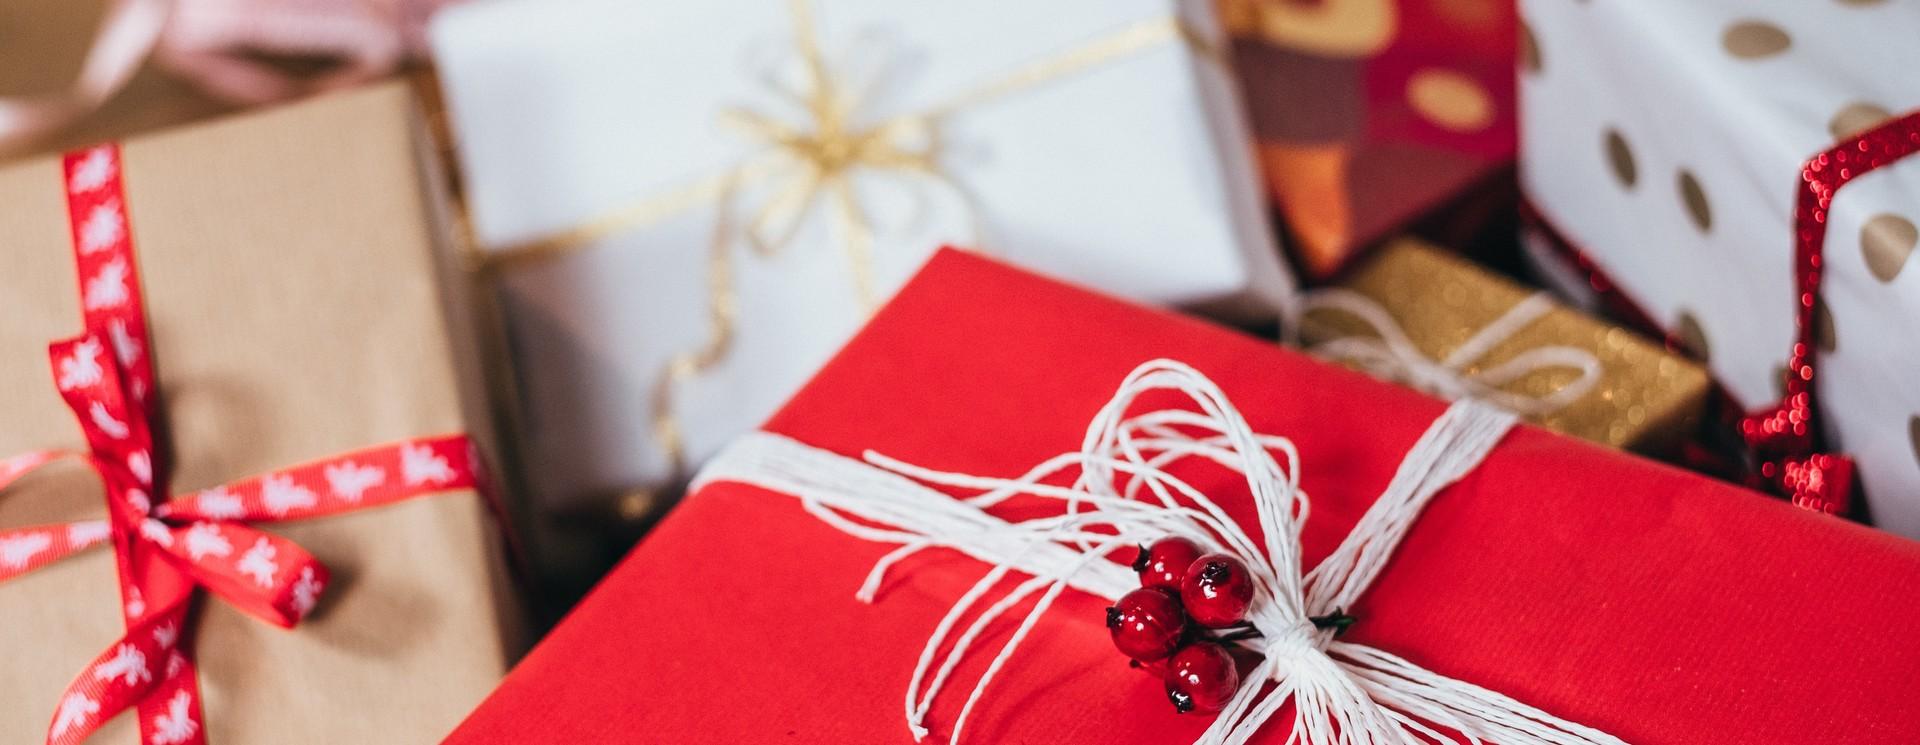 Geschenkenboxen